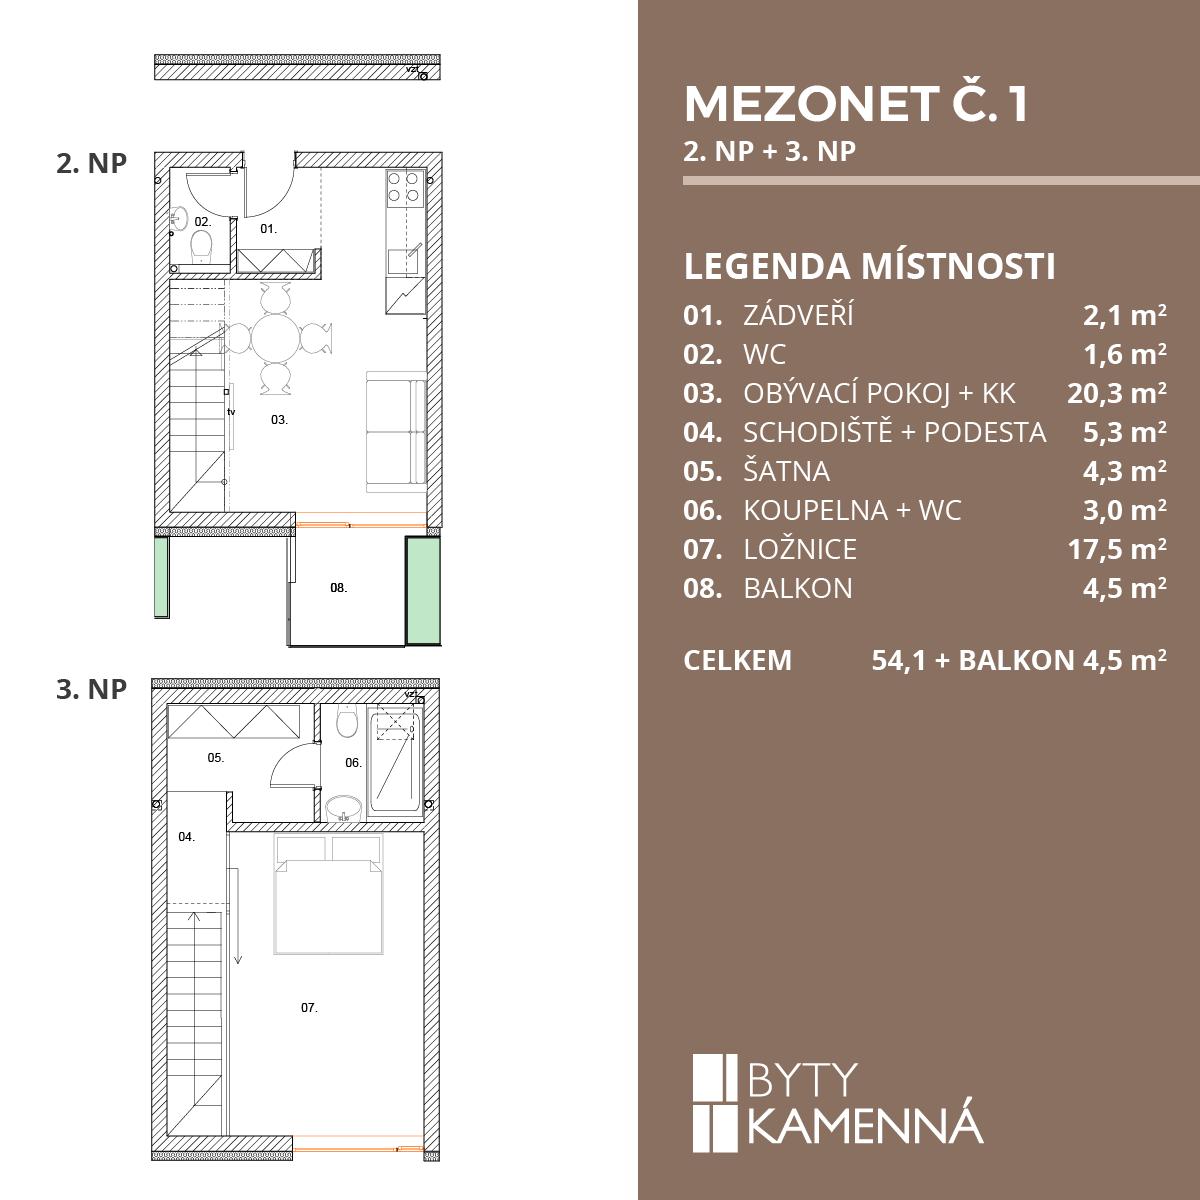 MEZONET 6